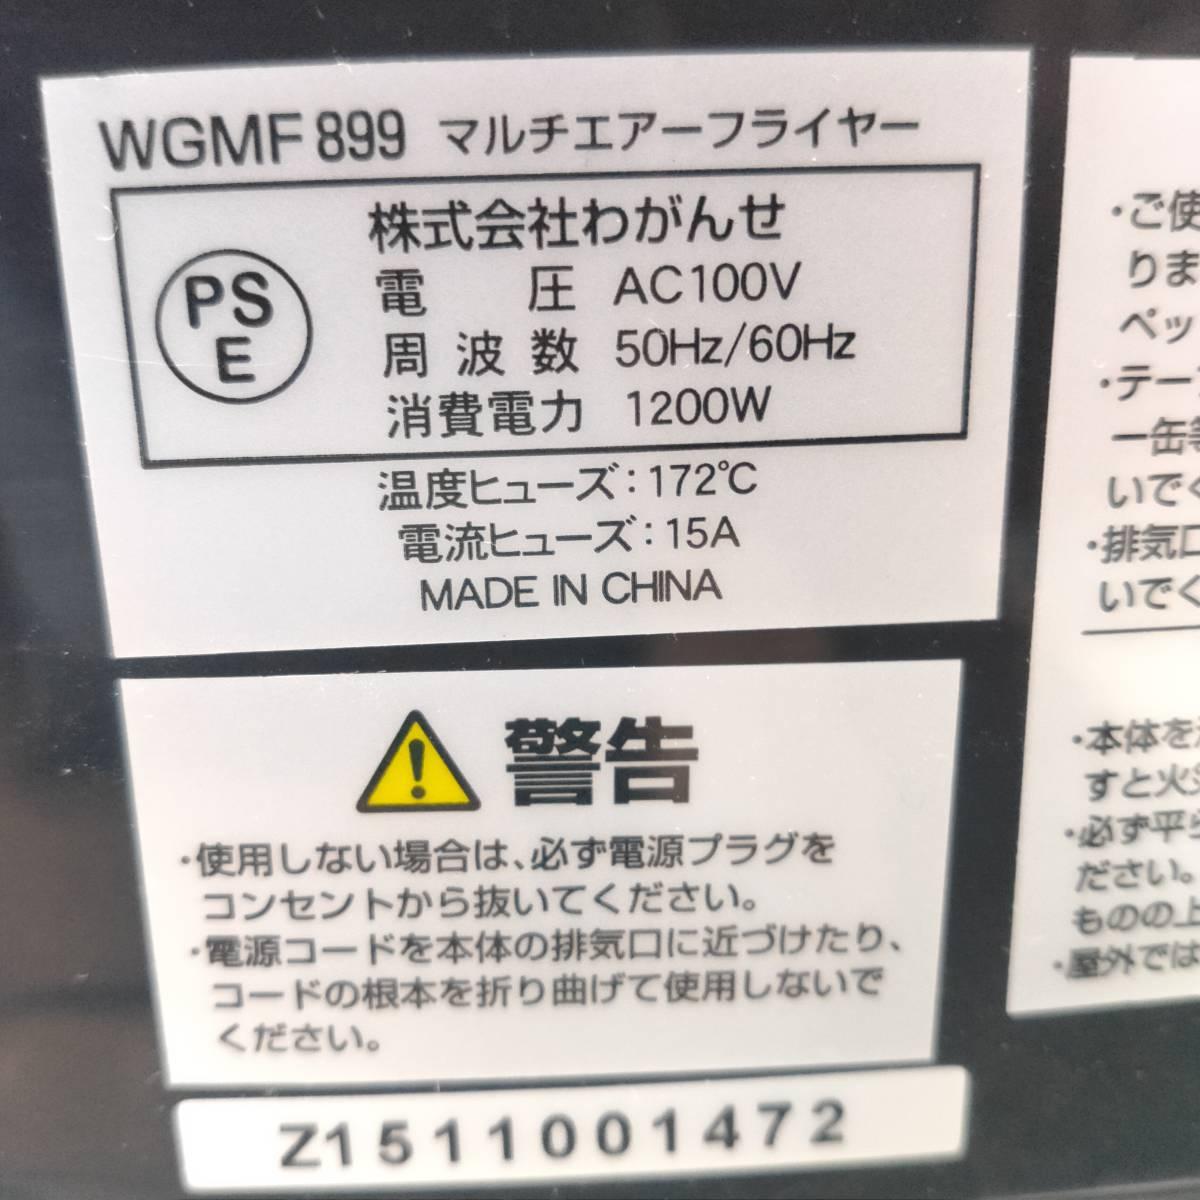 美品!匿名配送!送料無料!わがんせ 電気フライヤー マルチエアーフライヤー WGMF899